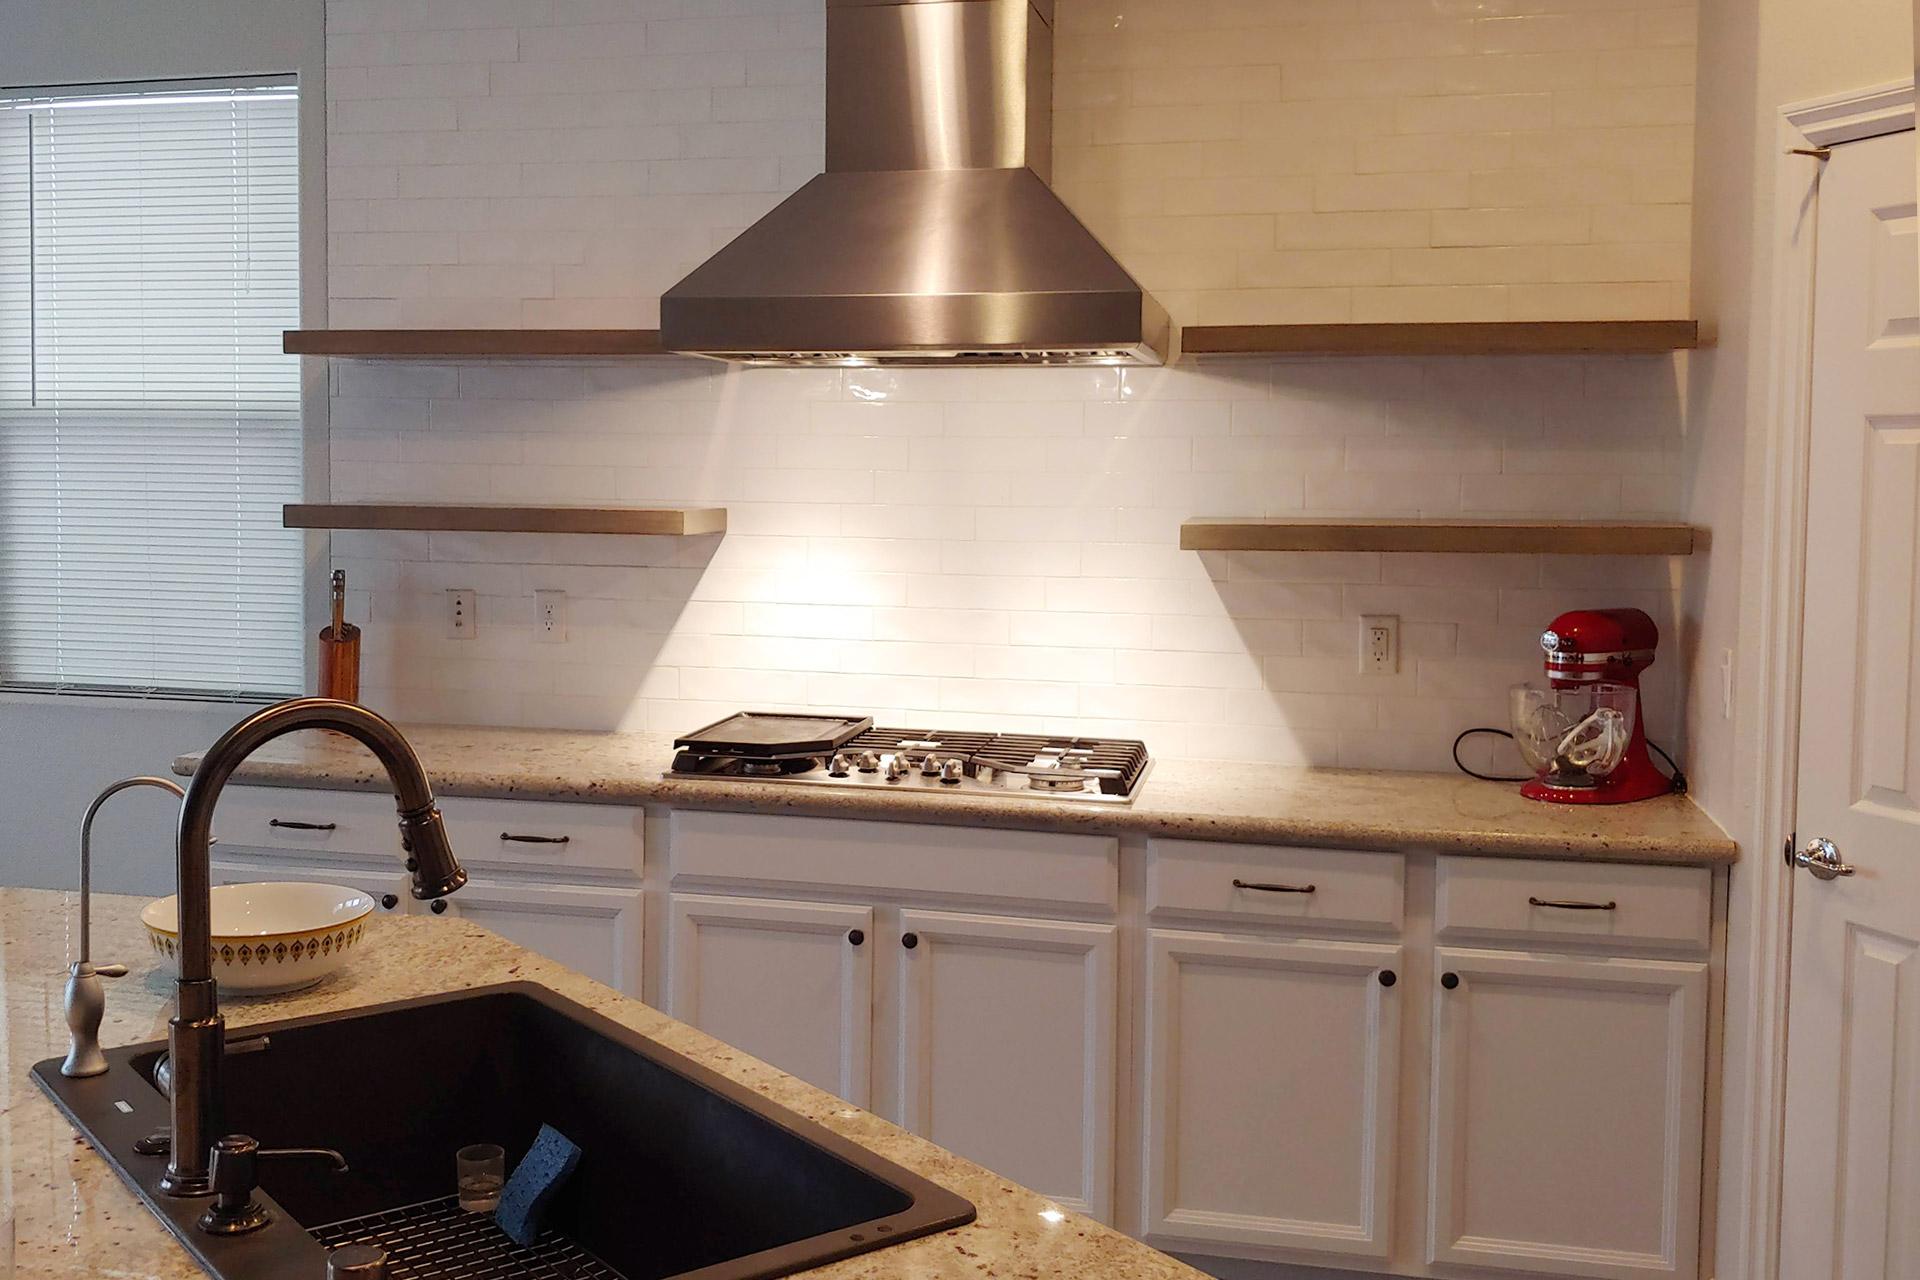 View Kitchen Wall Backsplash Installation